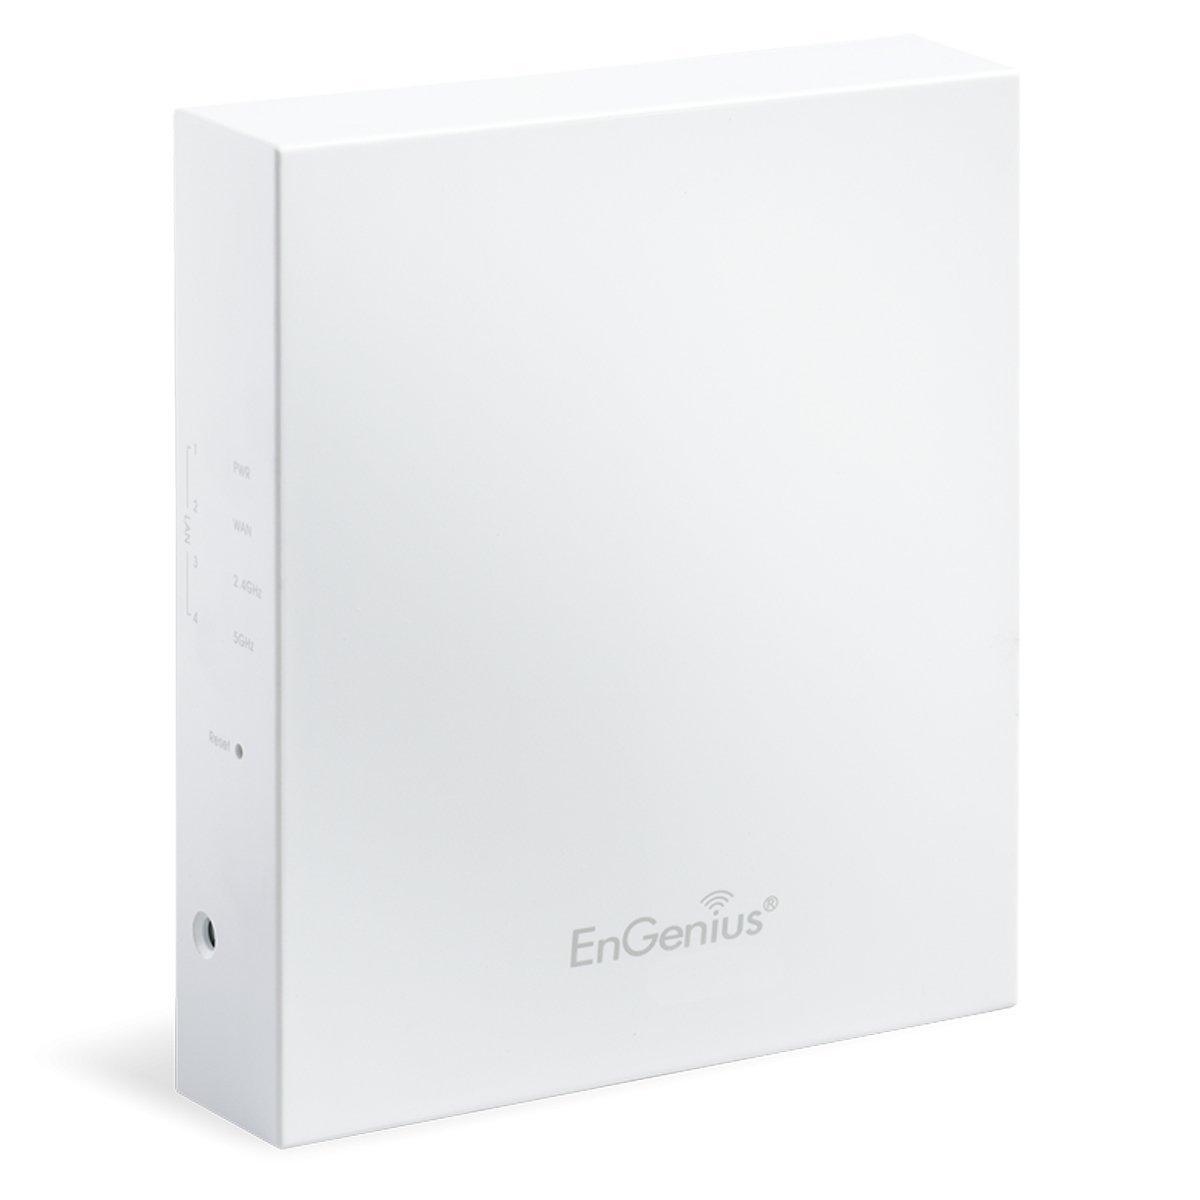 Modom ENGENIUS EWS neutron trắng điểm truy cập N600 tấm ốp tường